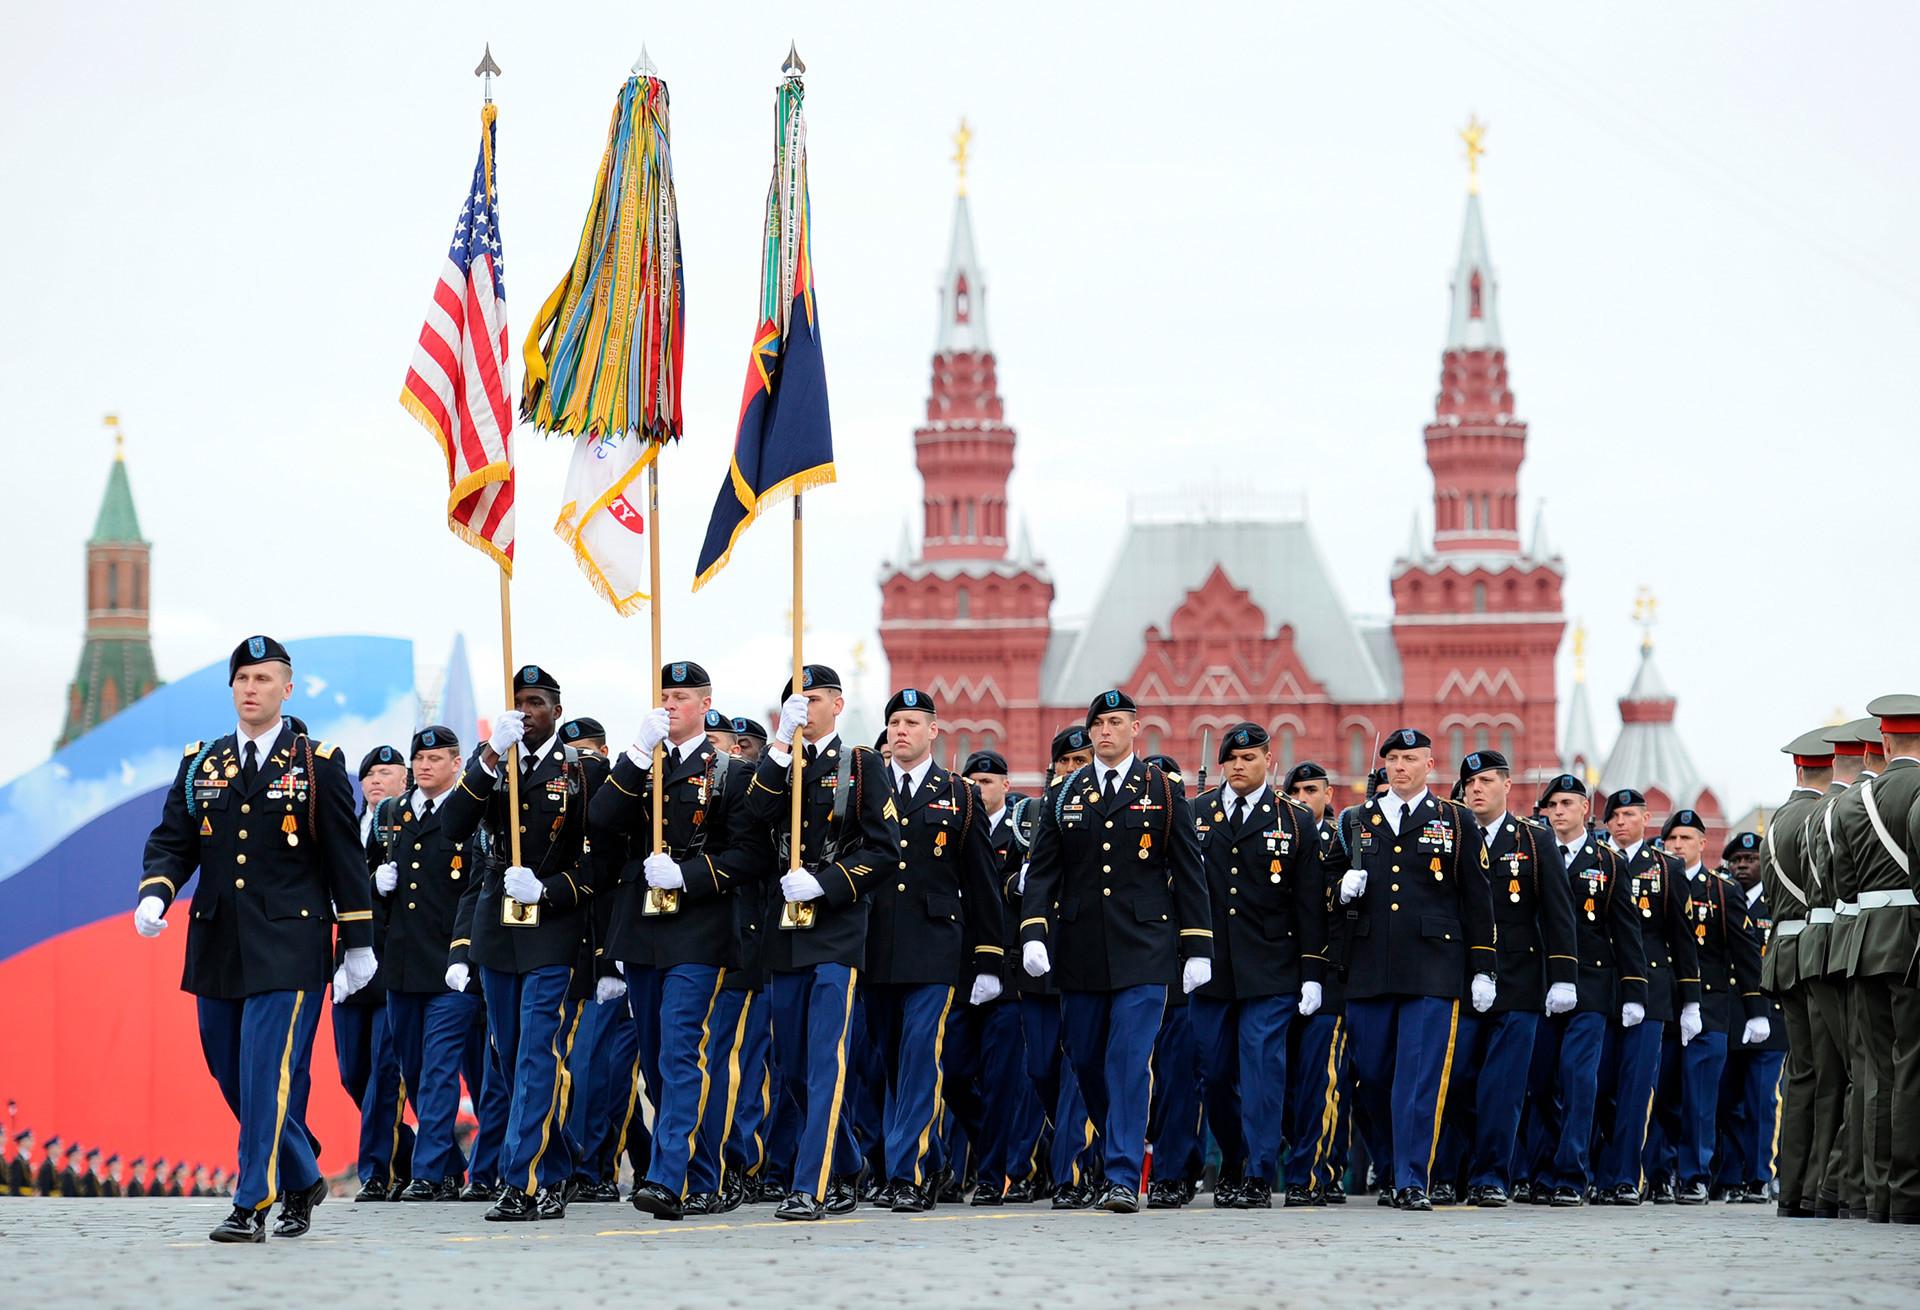 Em 2015, dez países enviaram tropas para participar do desfile.